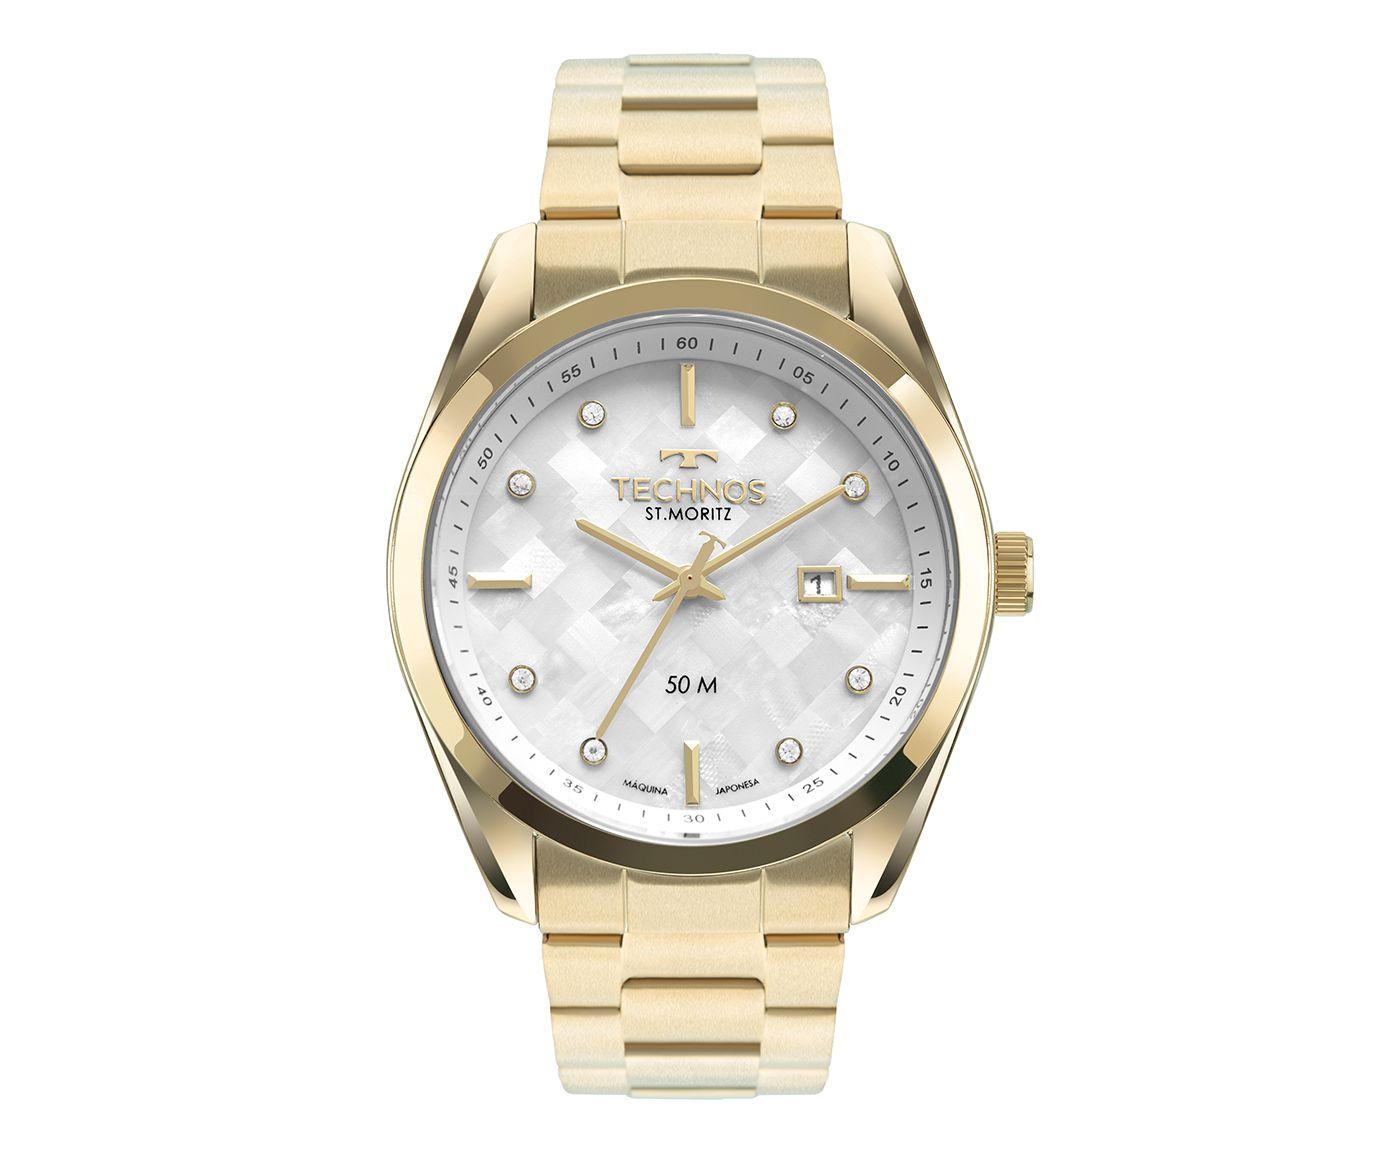 Relógio Analógico Technos Metal Dourado e Branco | Westwing.com.br